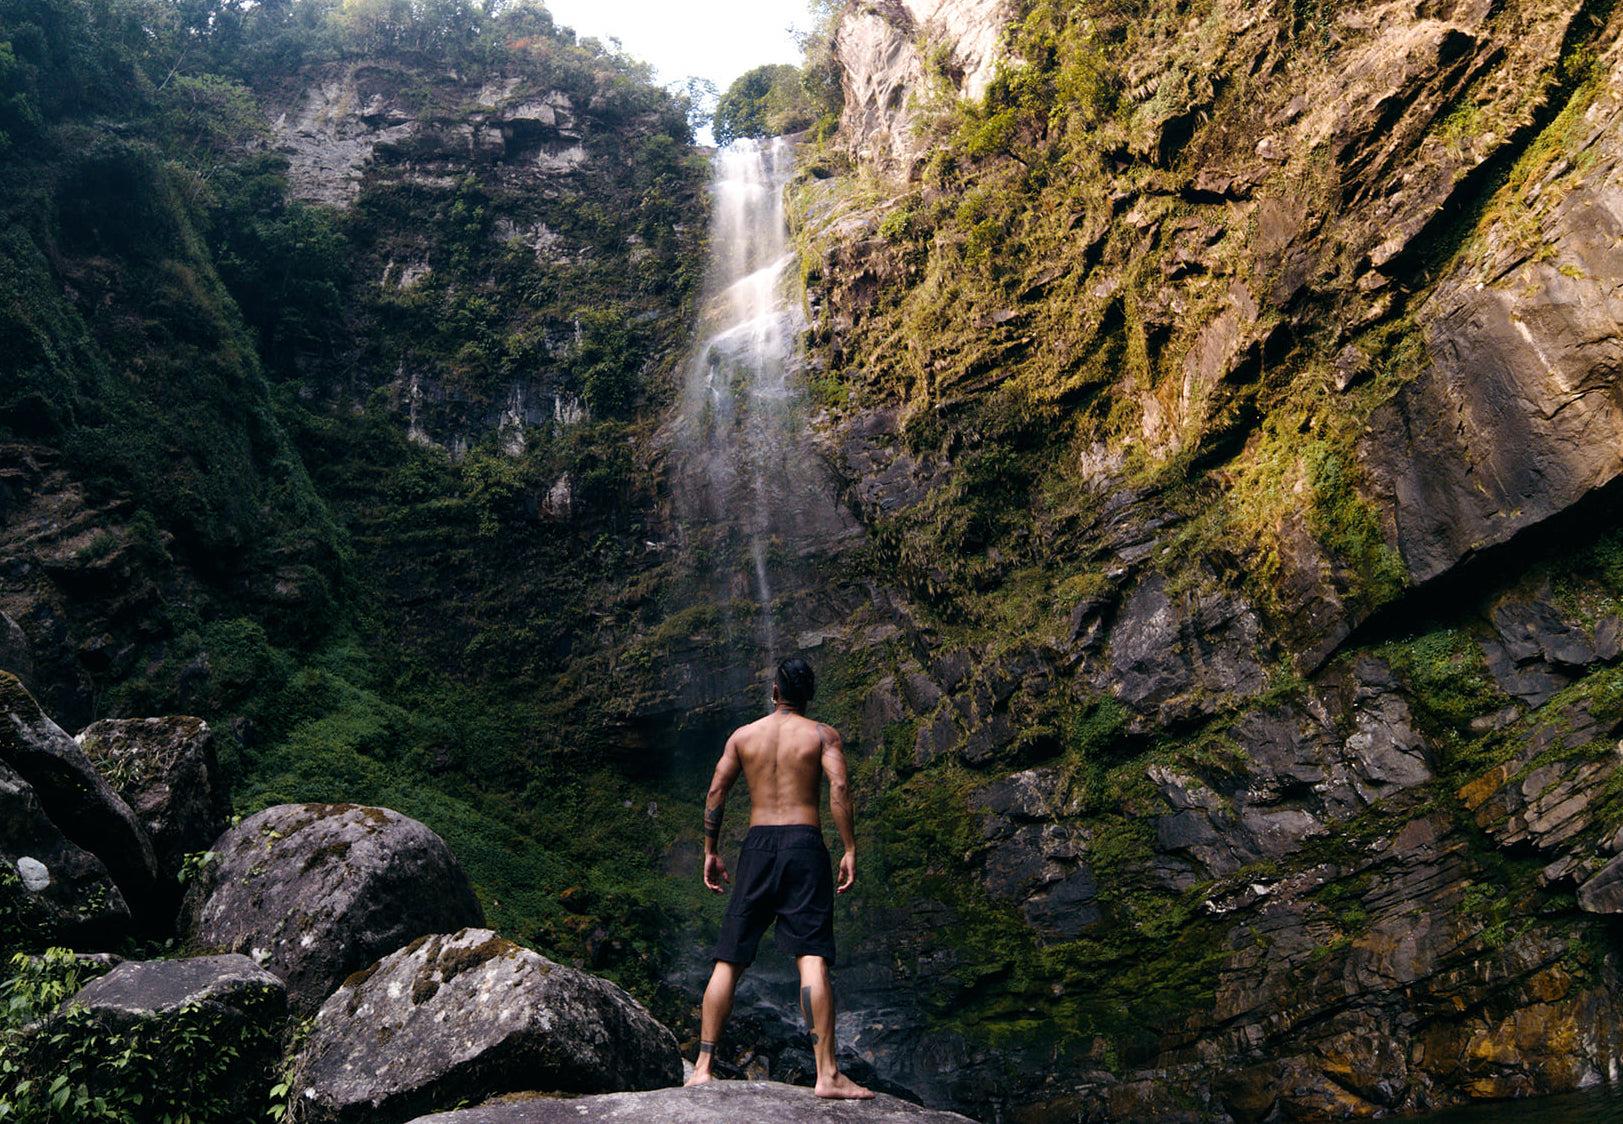 Hình ảnh Review chuyến đi Ngũ Chỉ Sơn – Đệ nhất kỳ quan núi giữa Sapa Lai Châu